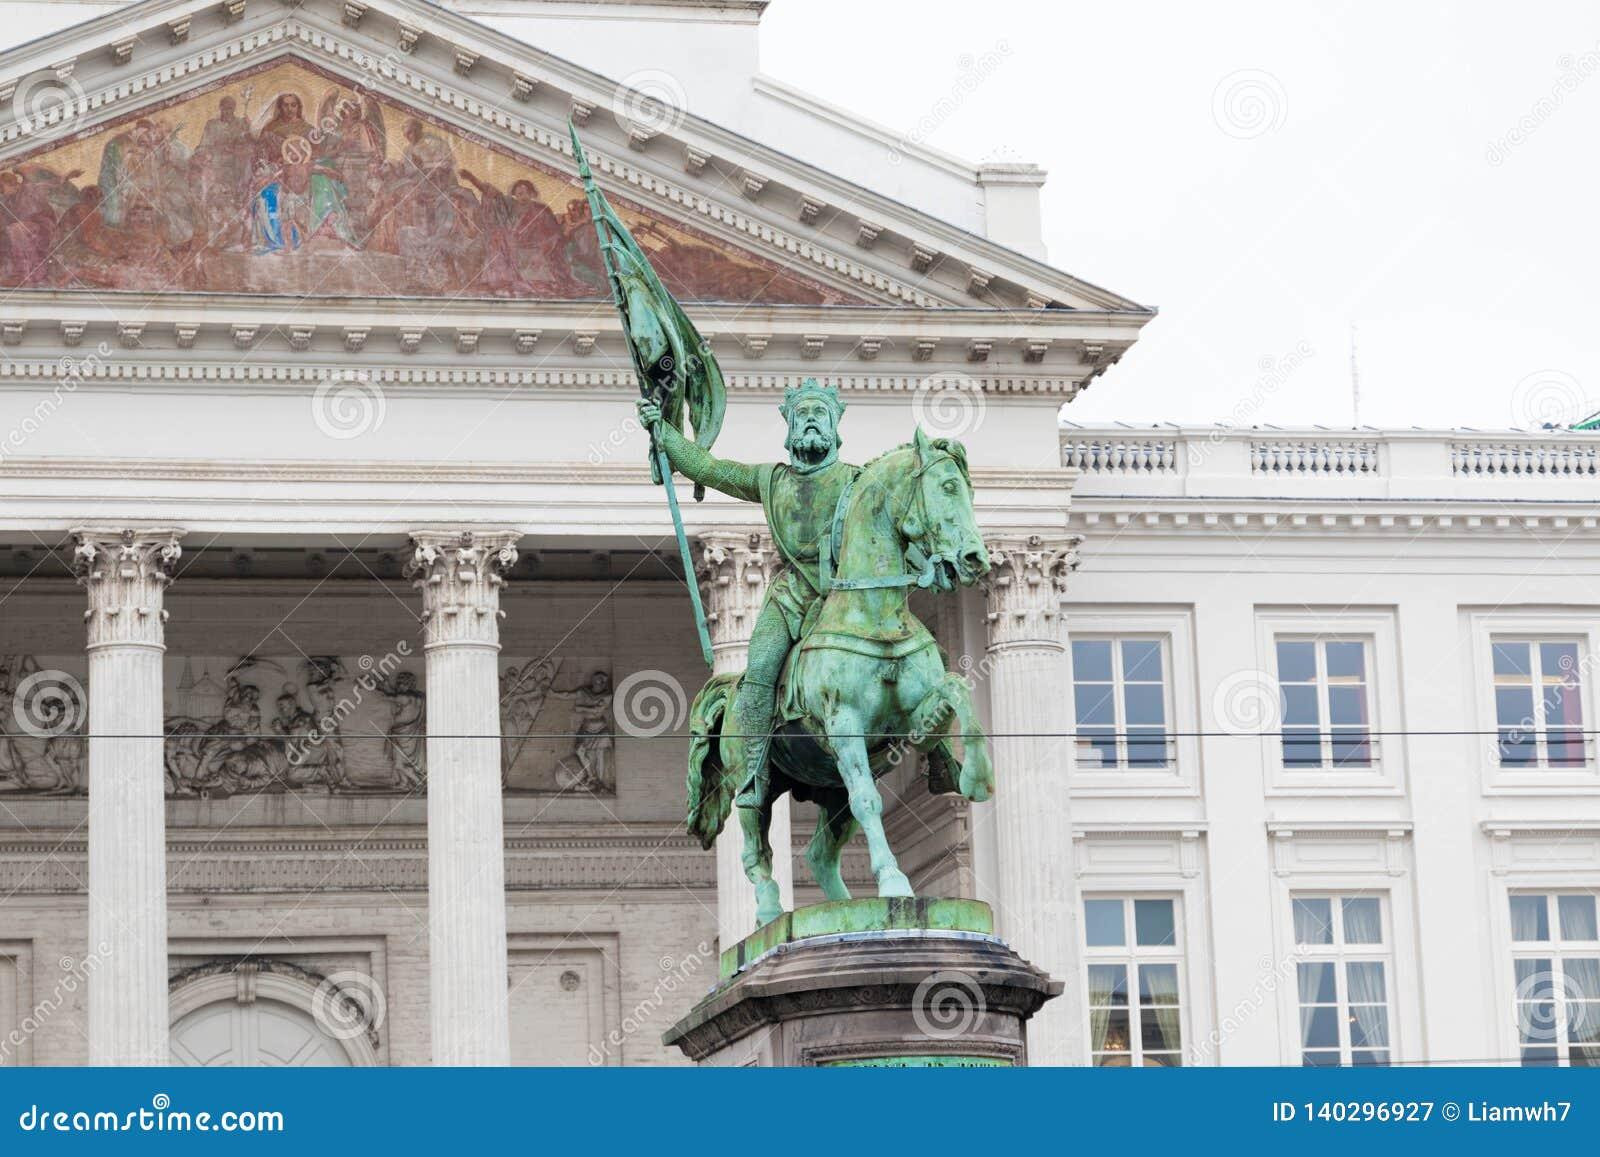 Bruxelas/Belgium-01 02 19: Rei Albert Statue In Brussels Belgium